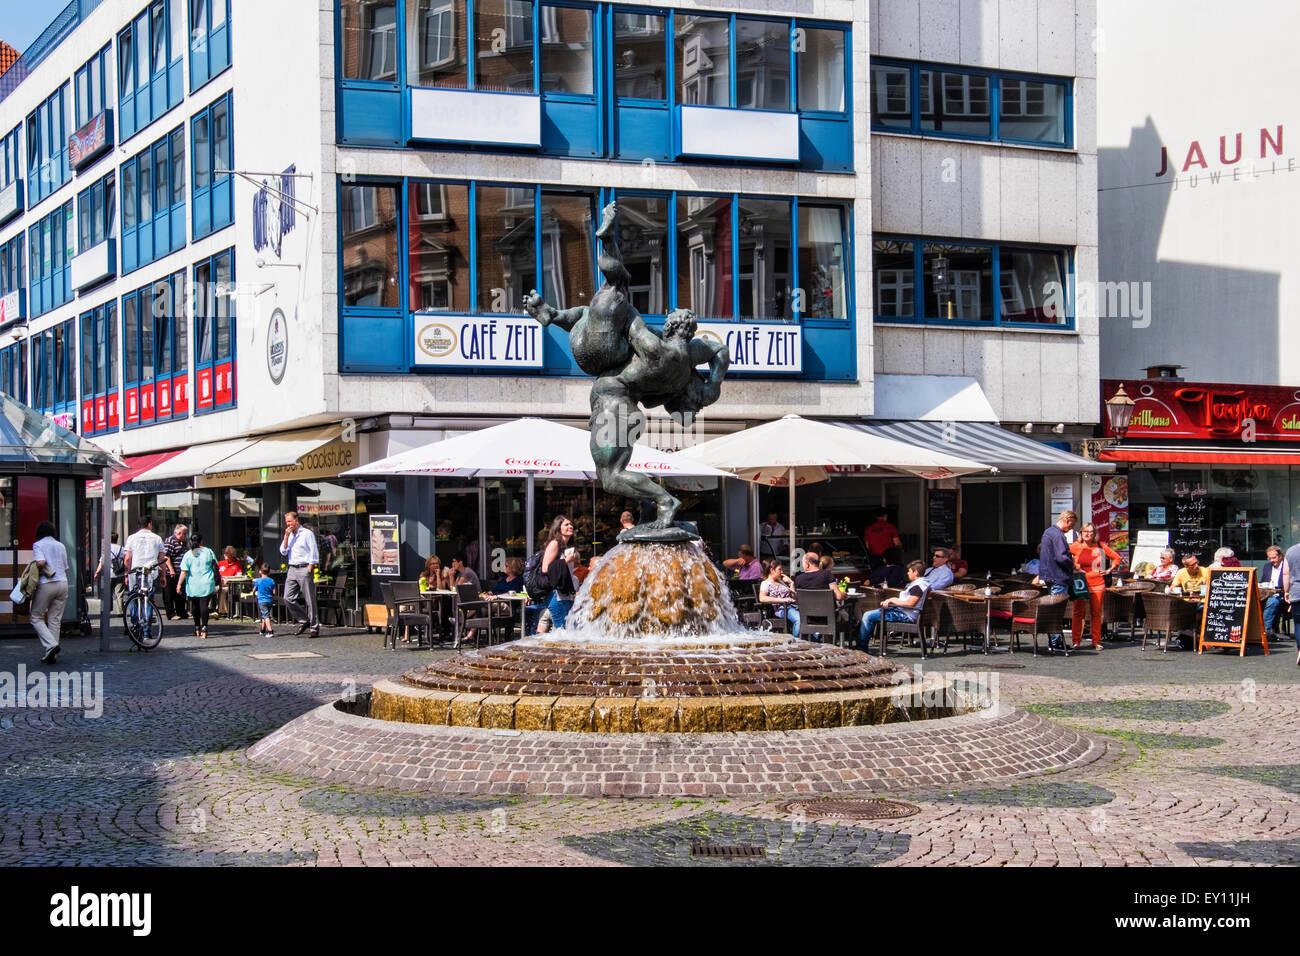 Braunschweig, Braunschweig, Germania - centro città con i suoi negozi e ristoranti e il lottatore fontana, Immagini Stock